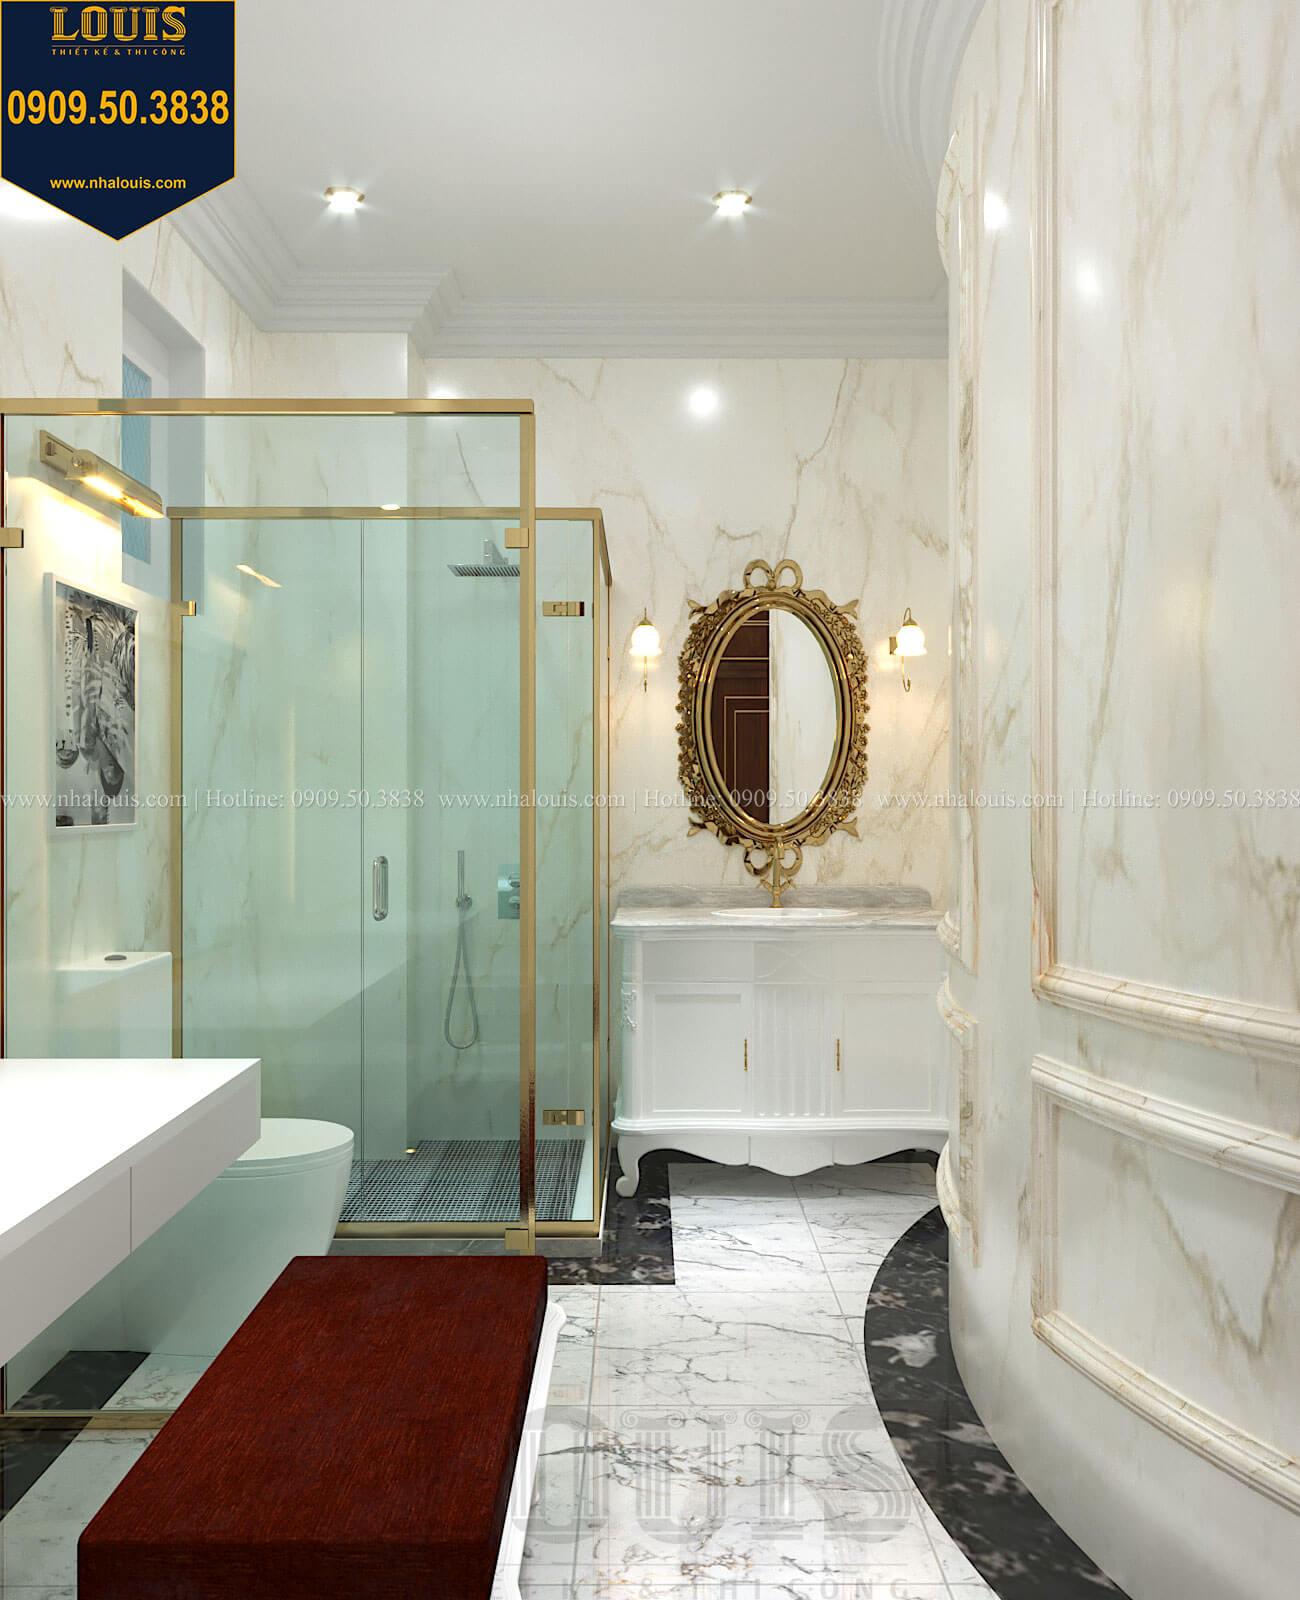 Phòng tắm và WC con gái Thiết kế biệt thự cổ điển 2 tầng nguy nga và đẳng cấp tại Tây Ninh - 60